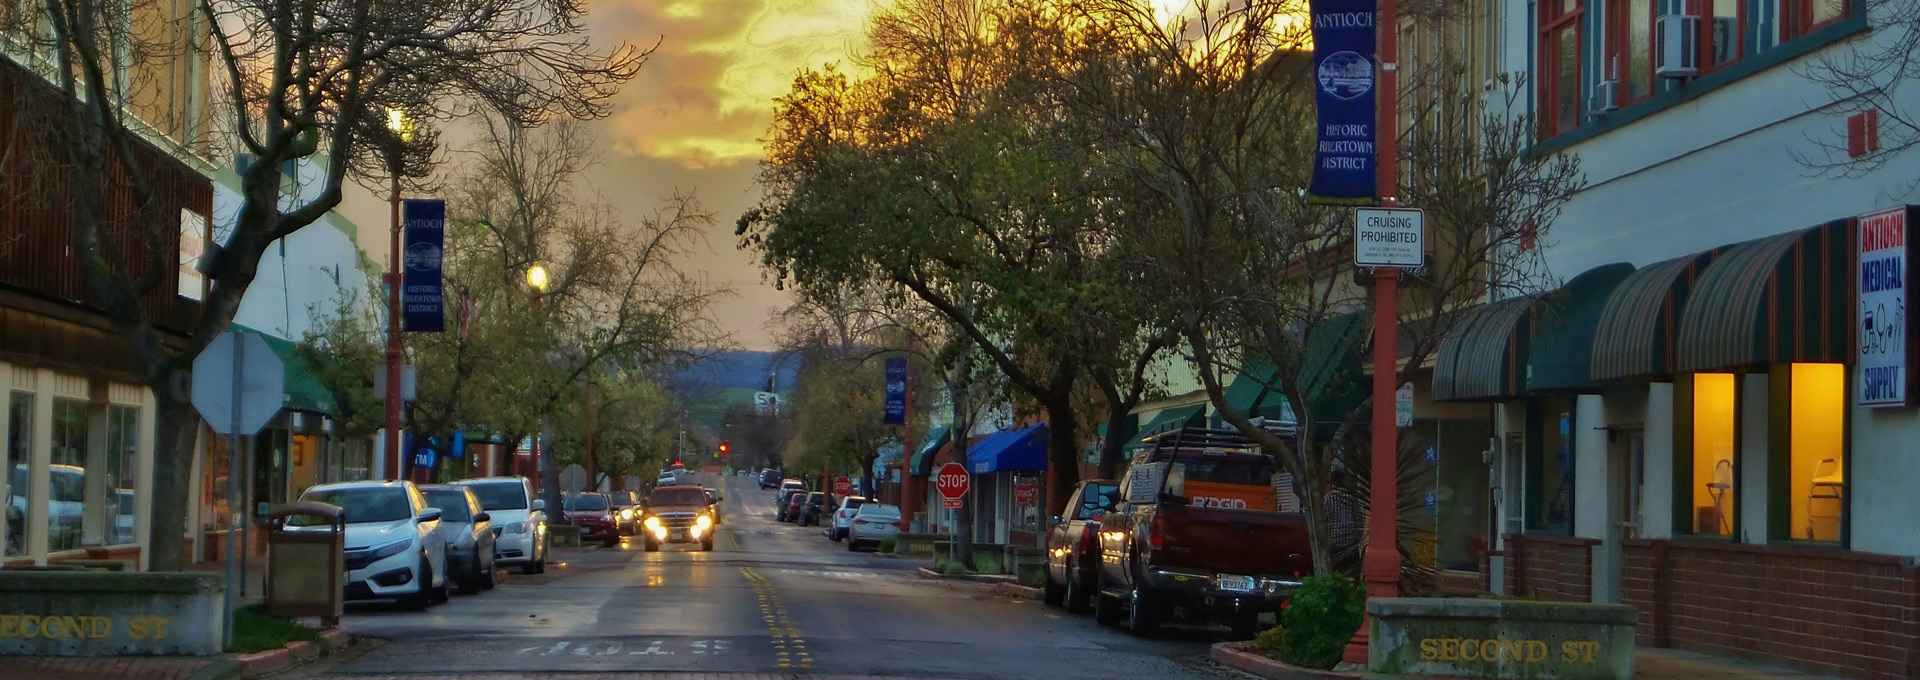 City Of Antioch California